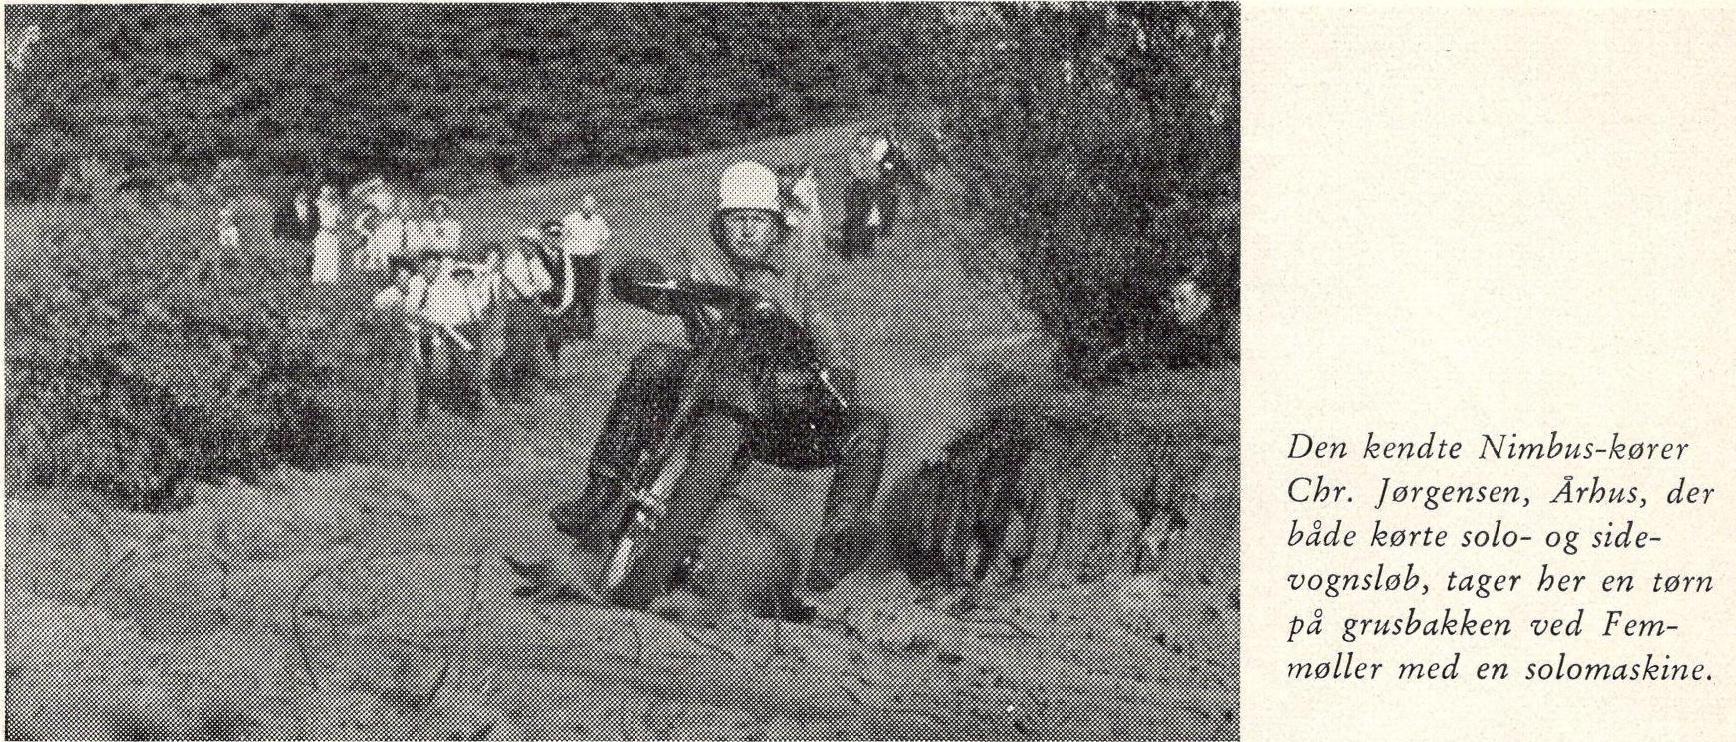 Den Blå Bog bragte dette billede, der sandsynligvis er fra JMU løbet 1937